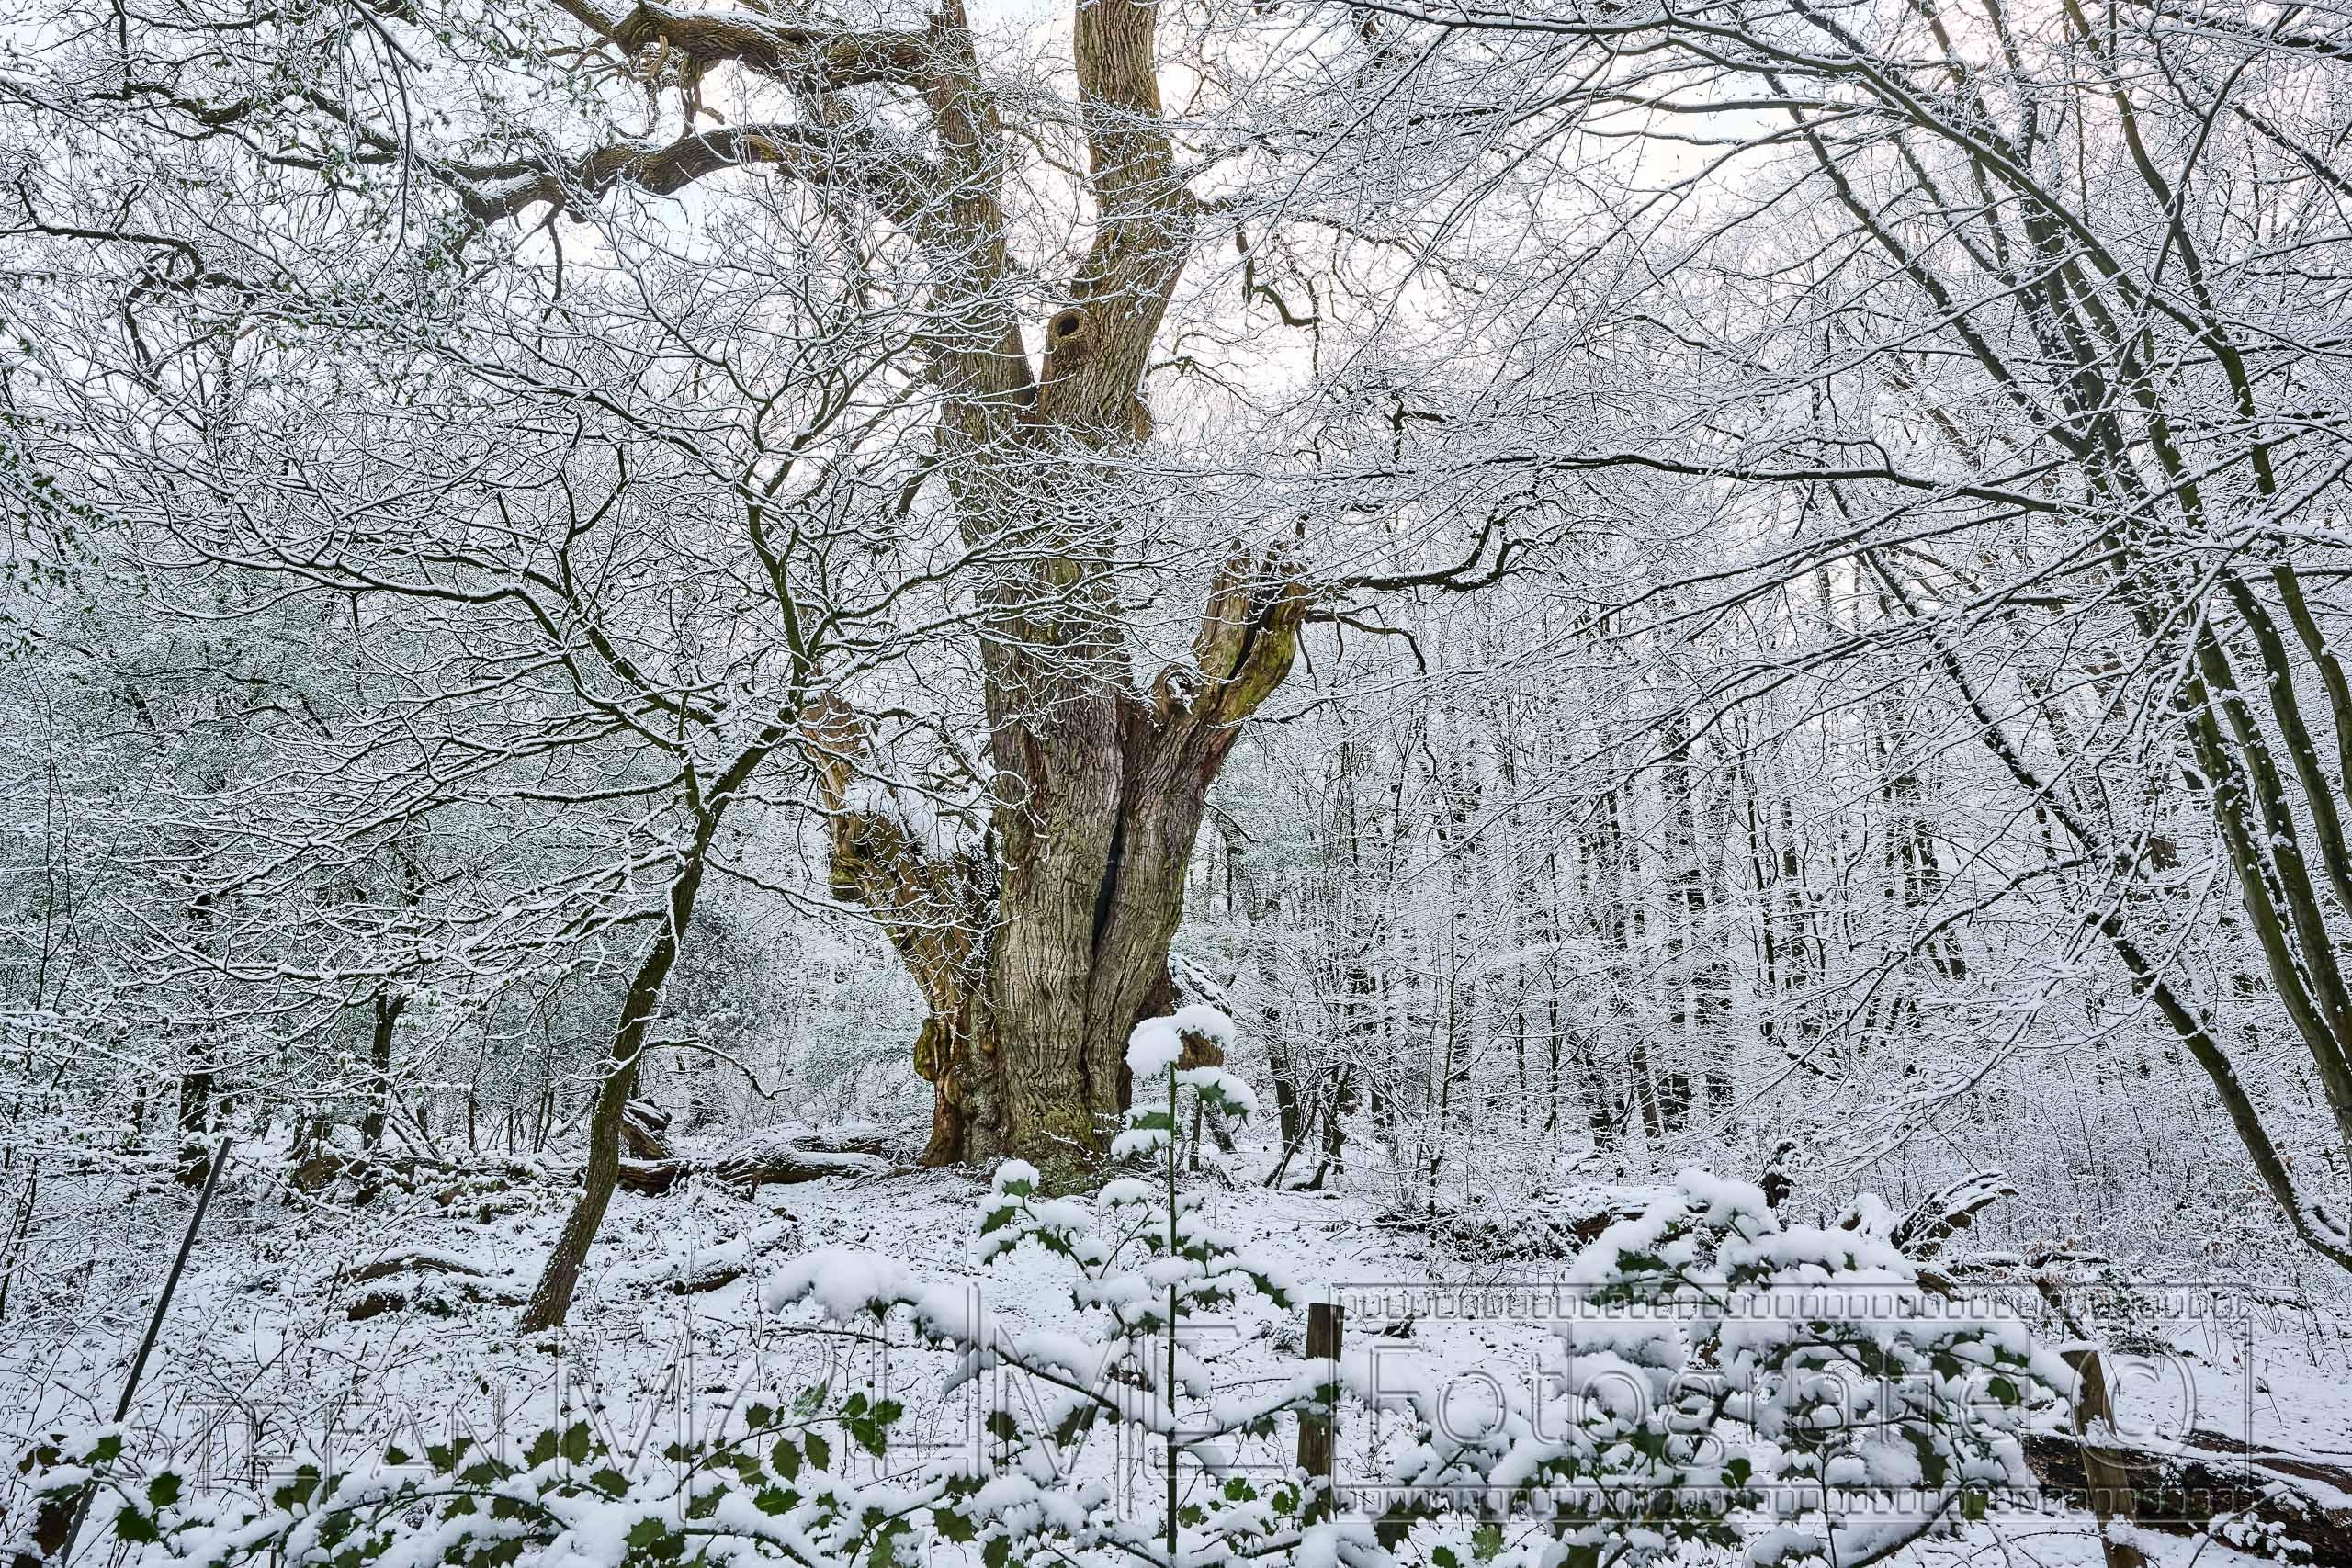 Urwald,Hasbruch,Bäume,Natur,Wald,Schnee